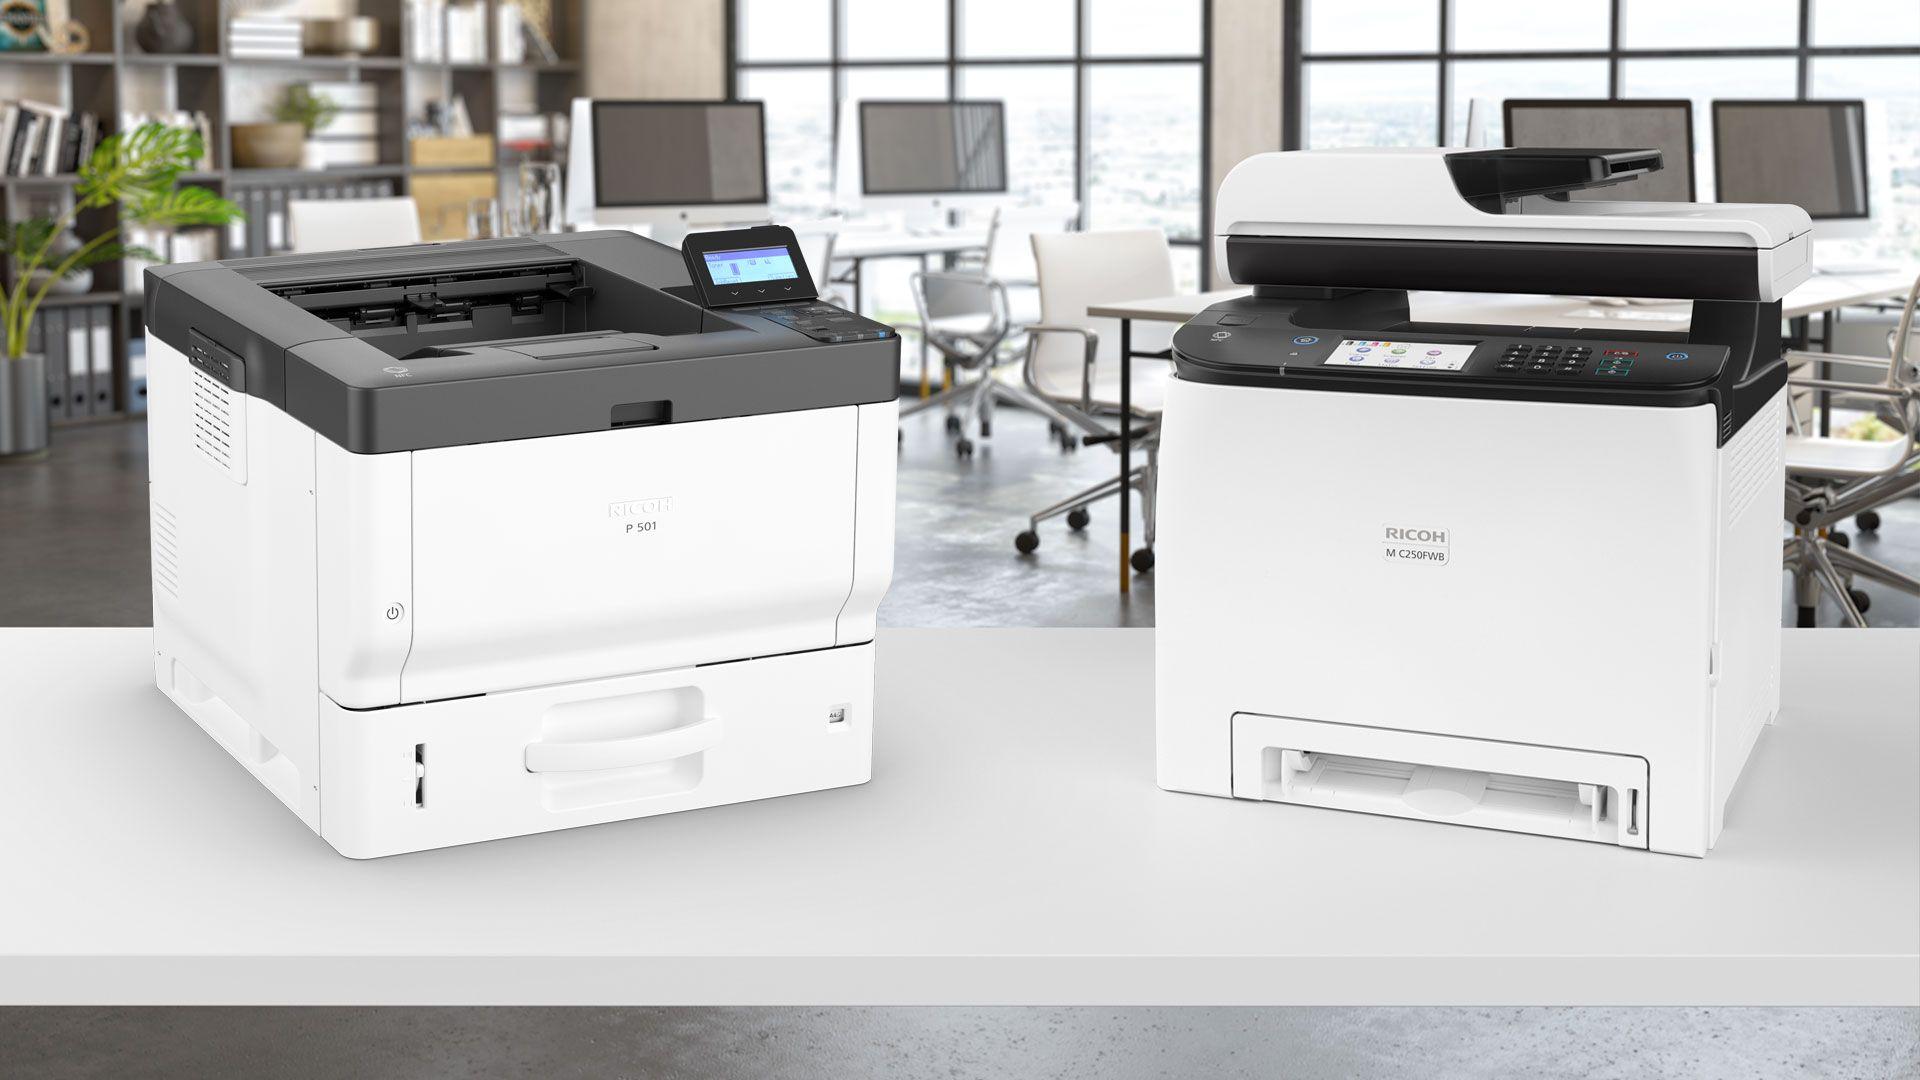 impresoras ricoh P501 header - Impresoras Ricoh